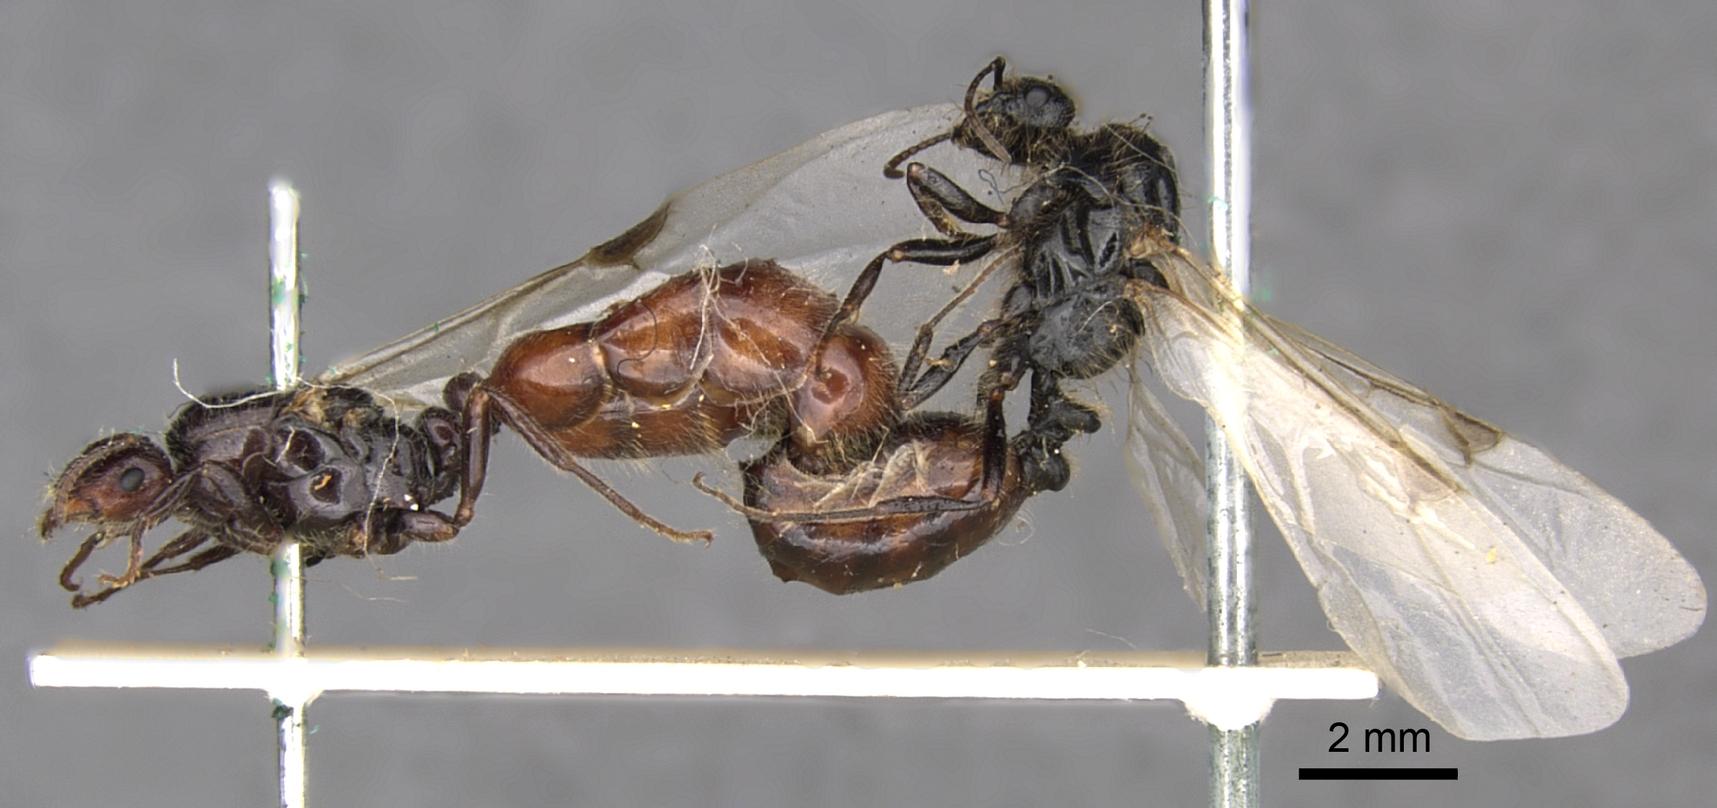 Image of Monomorium evansi